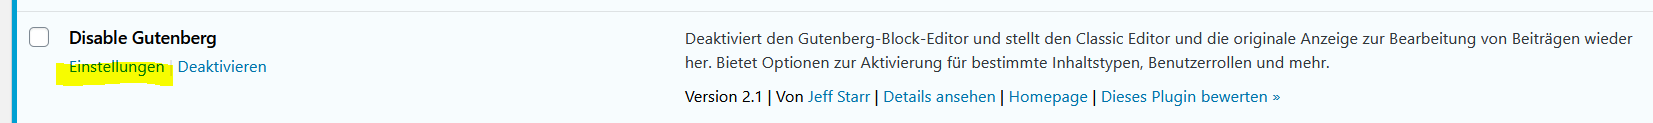 Disable Gutenberg Einstellungen